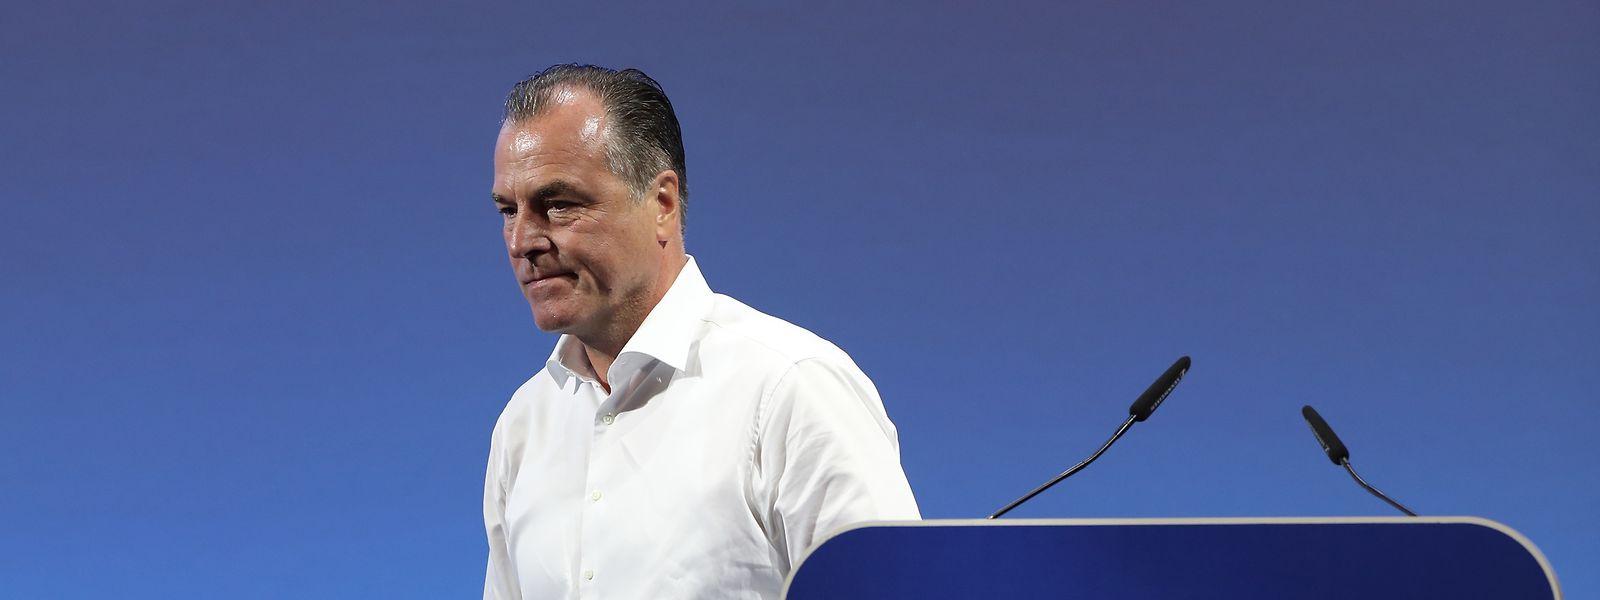 Clemens Tönnies tritt von seinem Amt als Aufsichtsratsvorsitzender beim Fußball-BundesligistenFCSchalke 04 zurück.